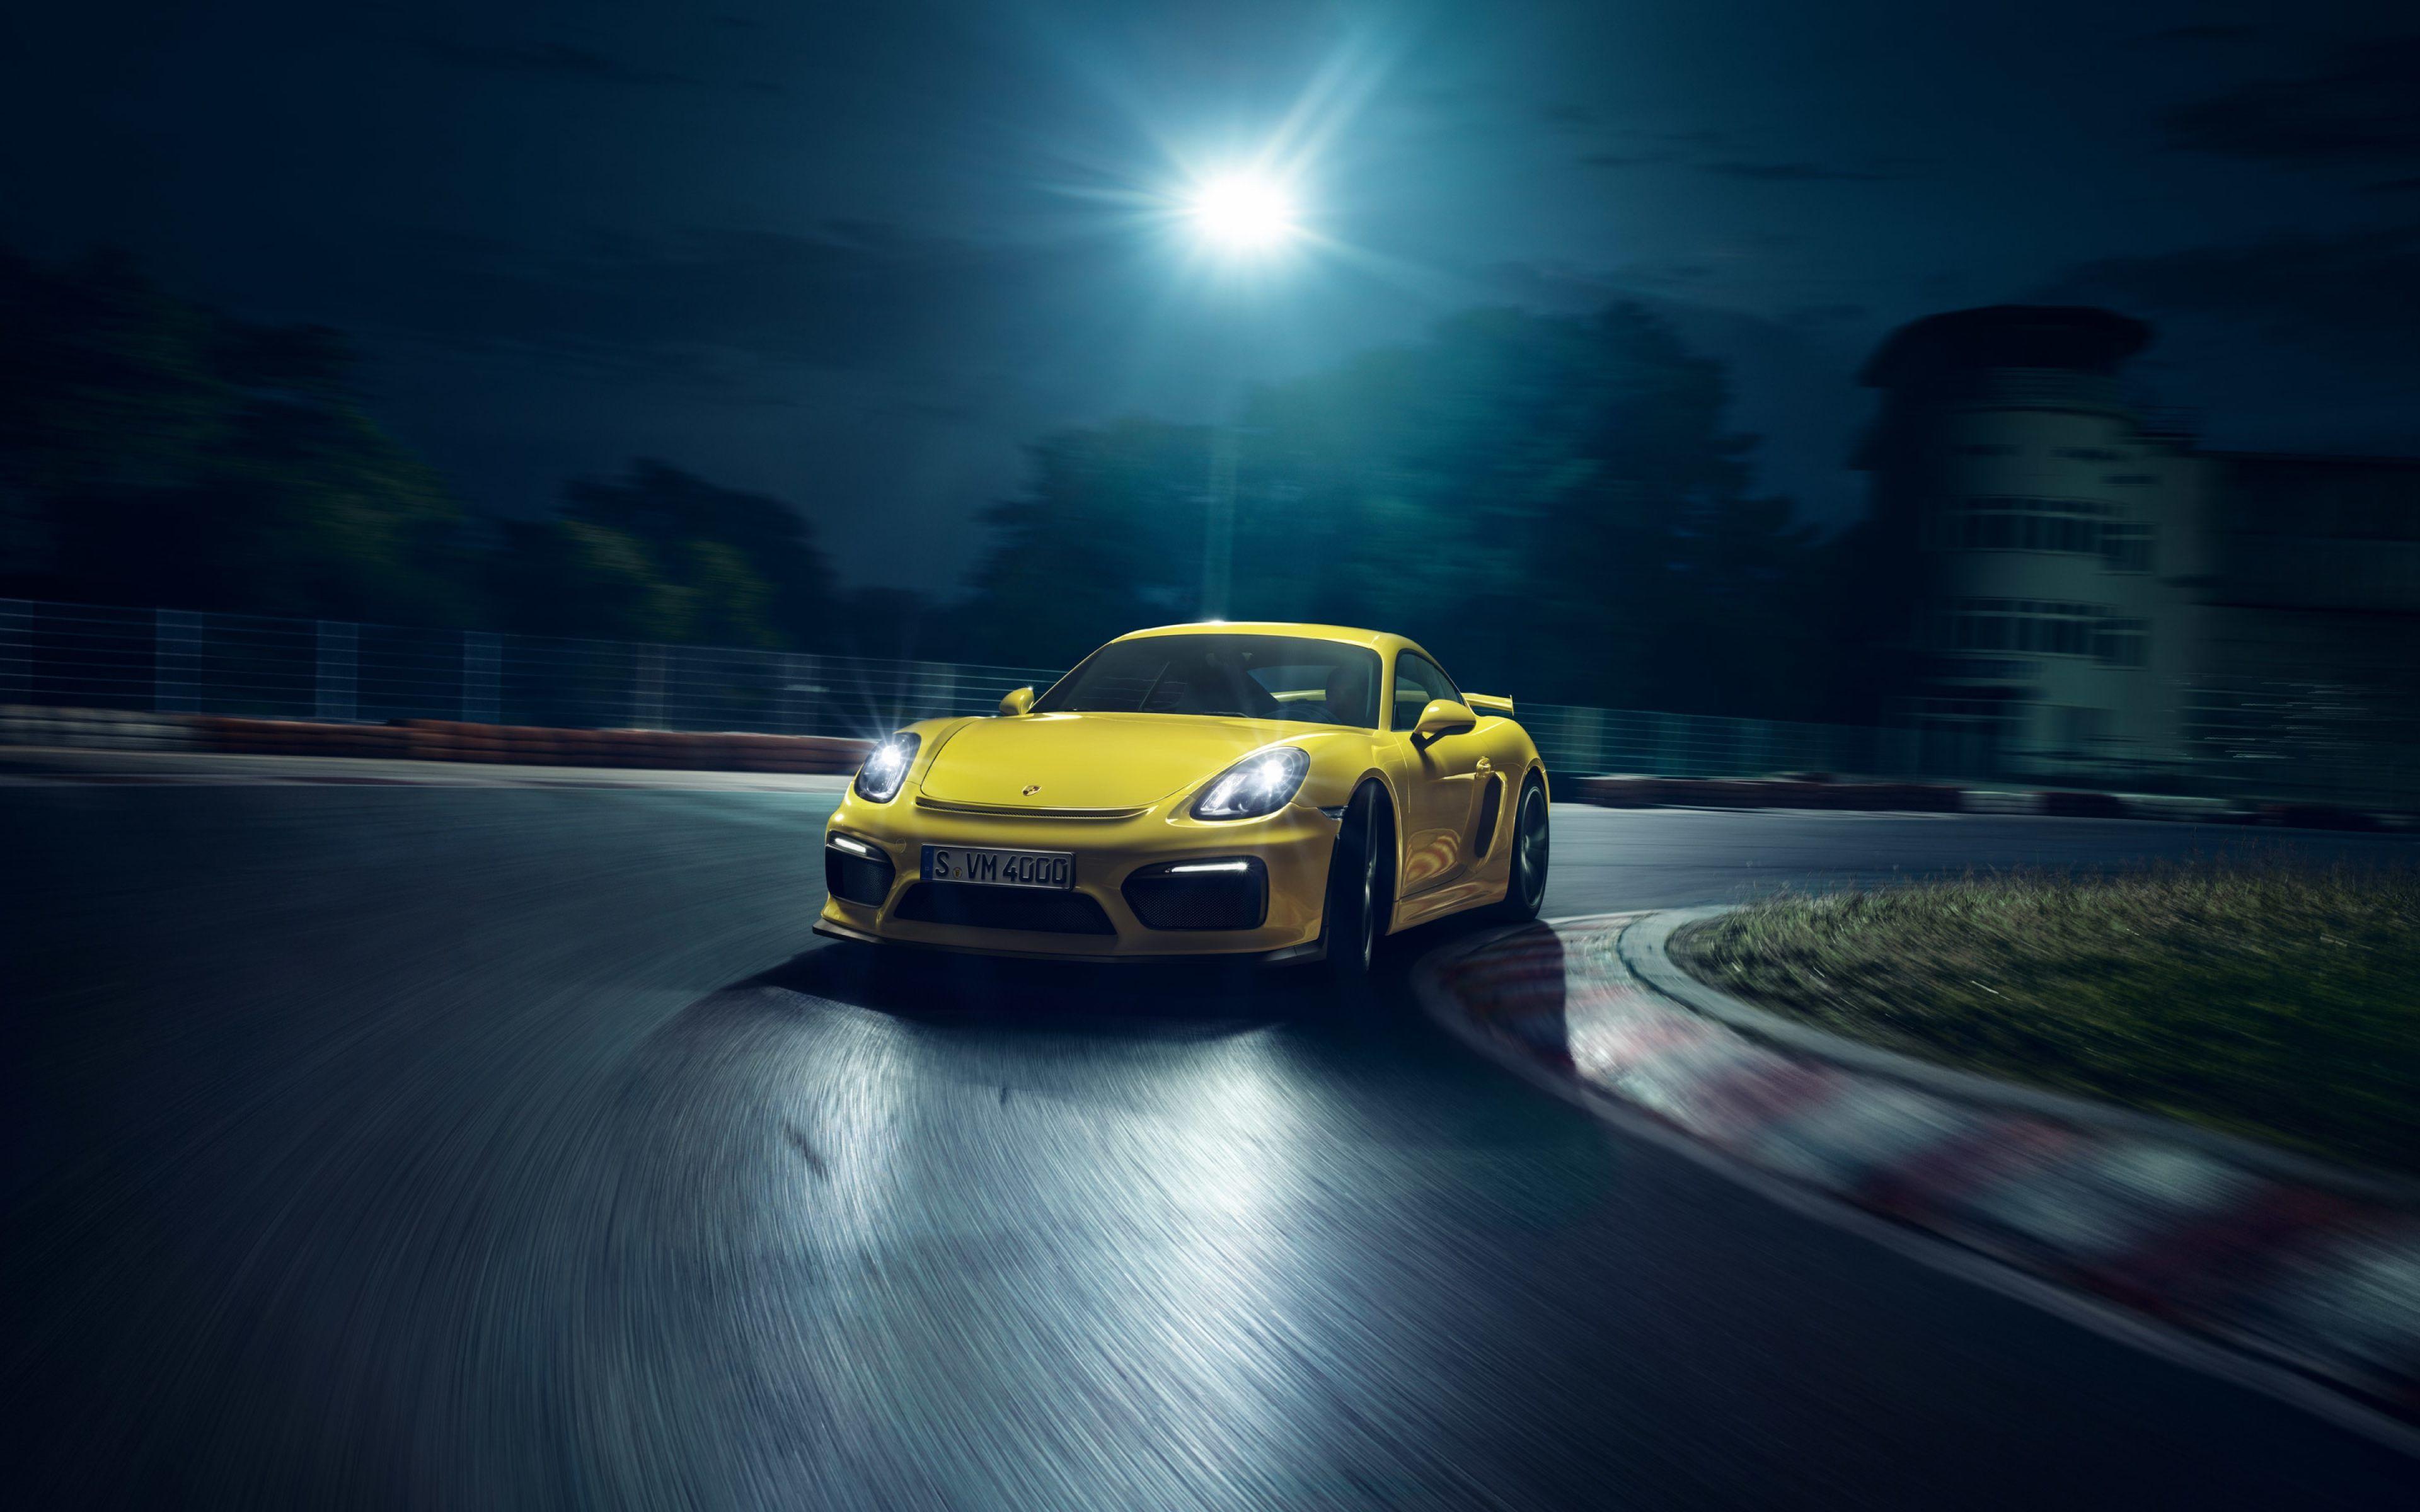 Porsche Cayman Gt4 4k Wallpaper Hd Download High Quality